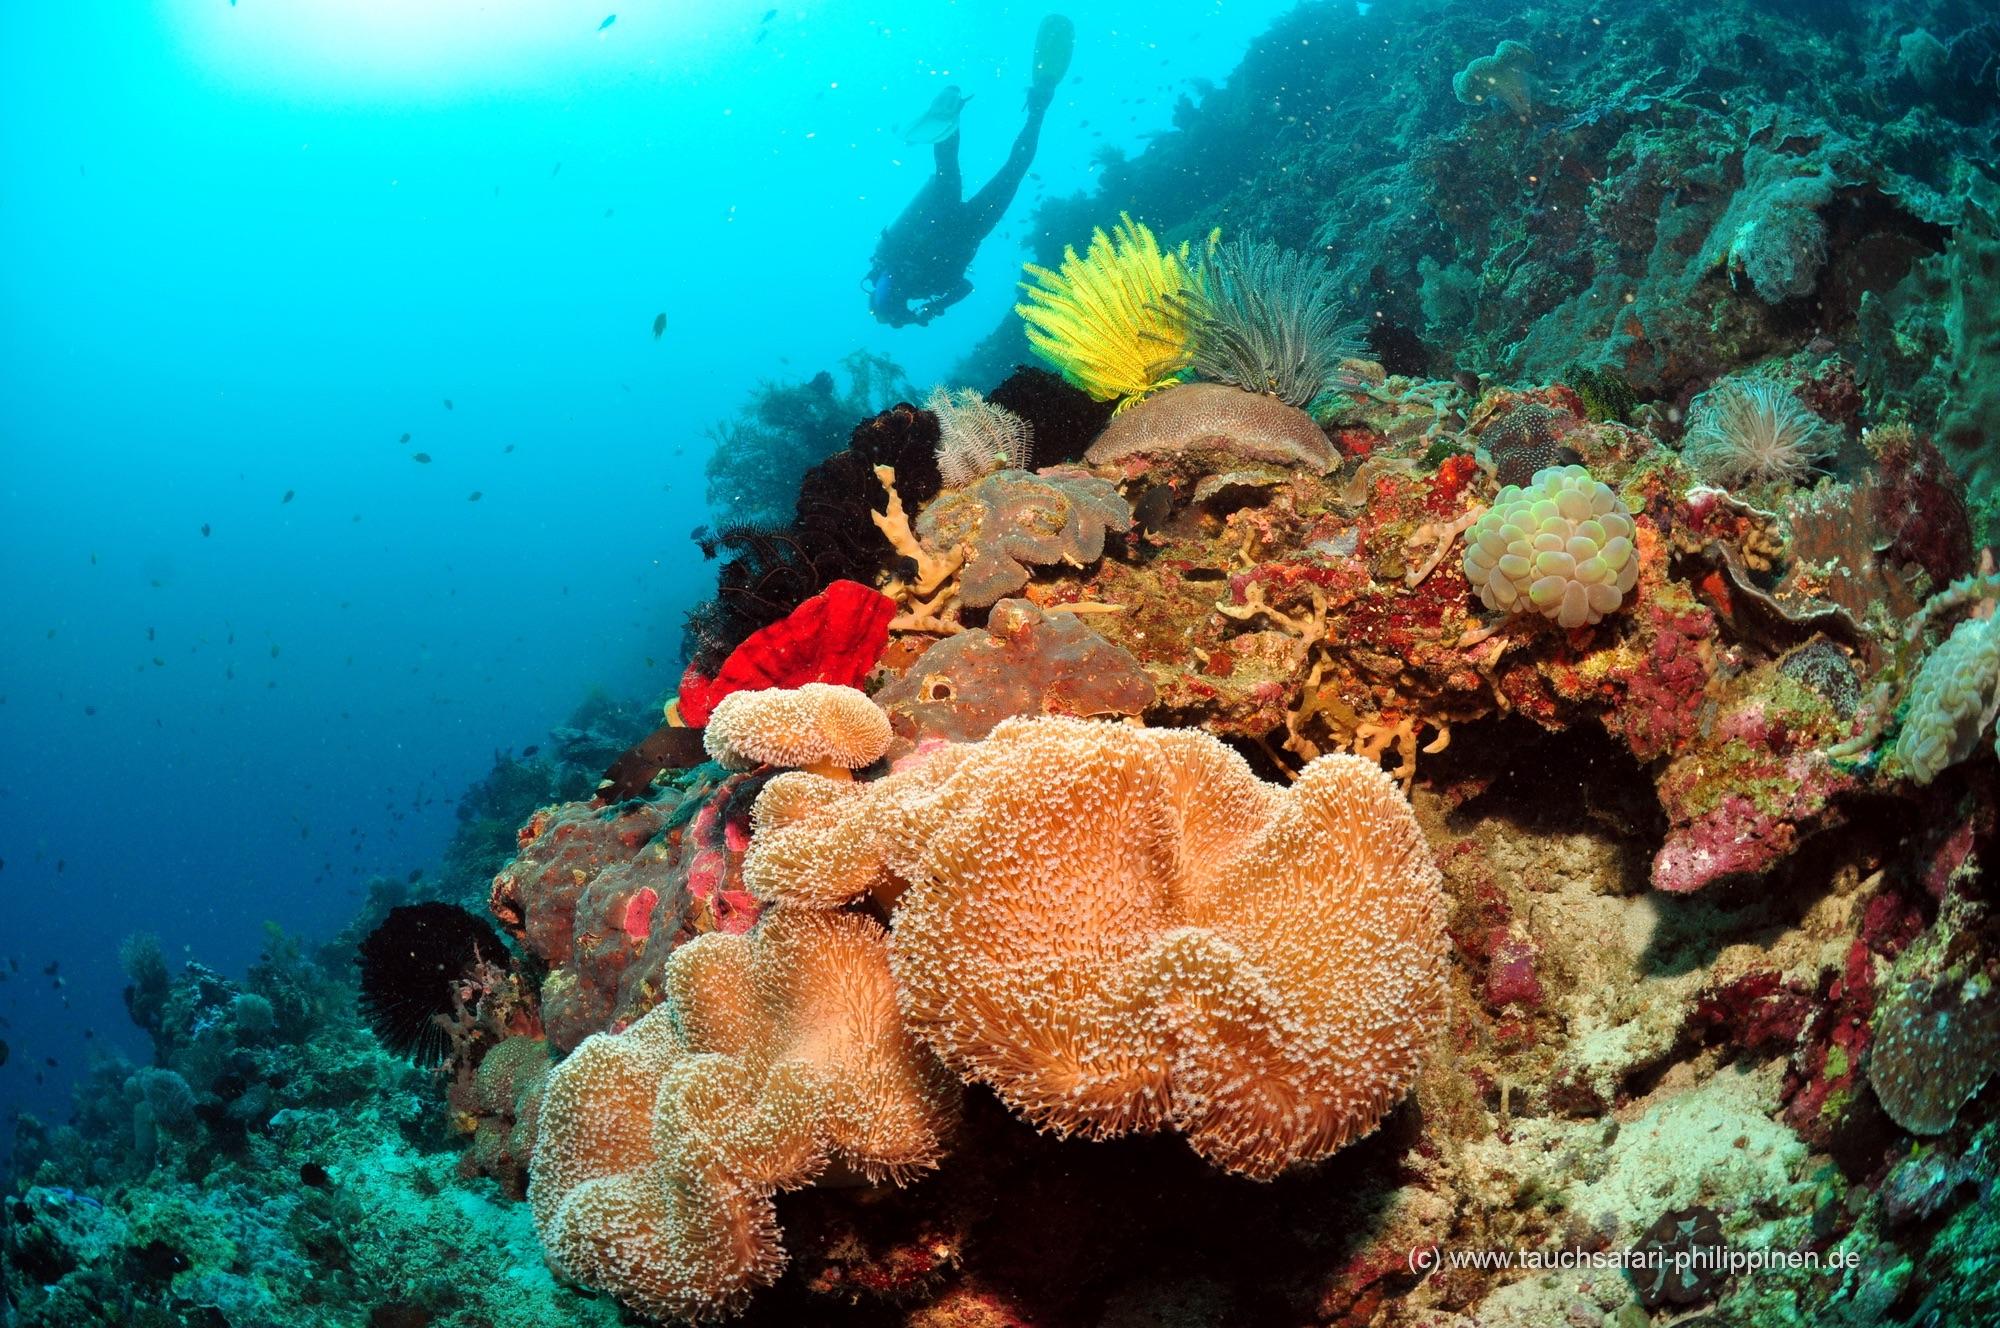 De superbes jardin coralliens vous attendent pendant le safari de plongée.